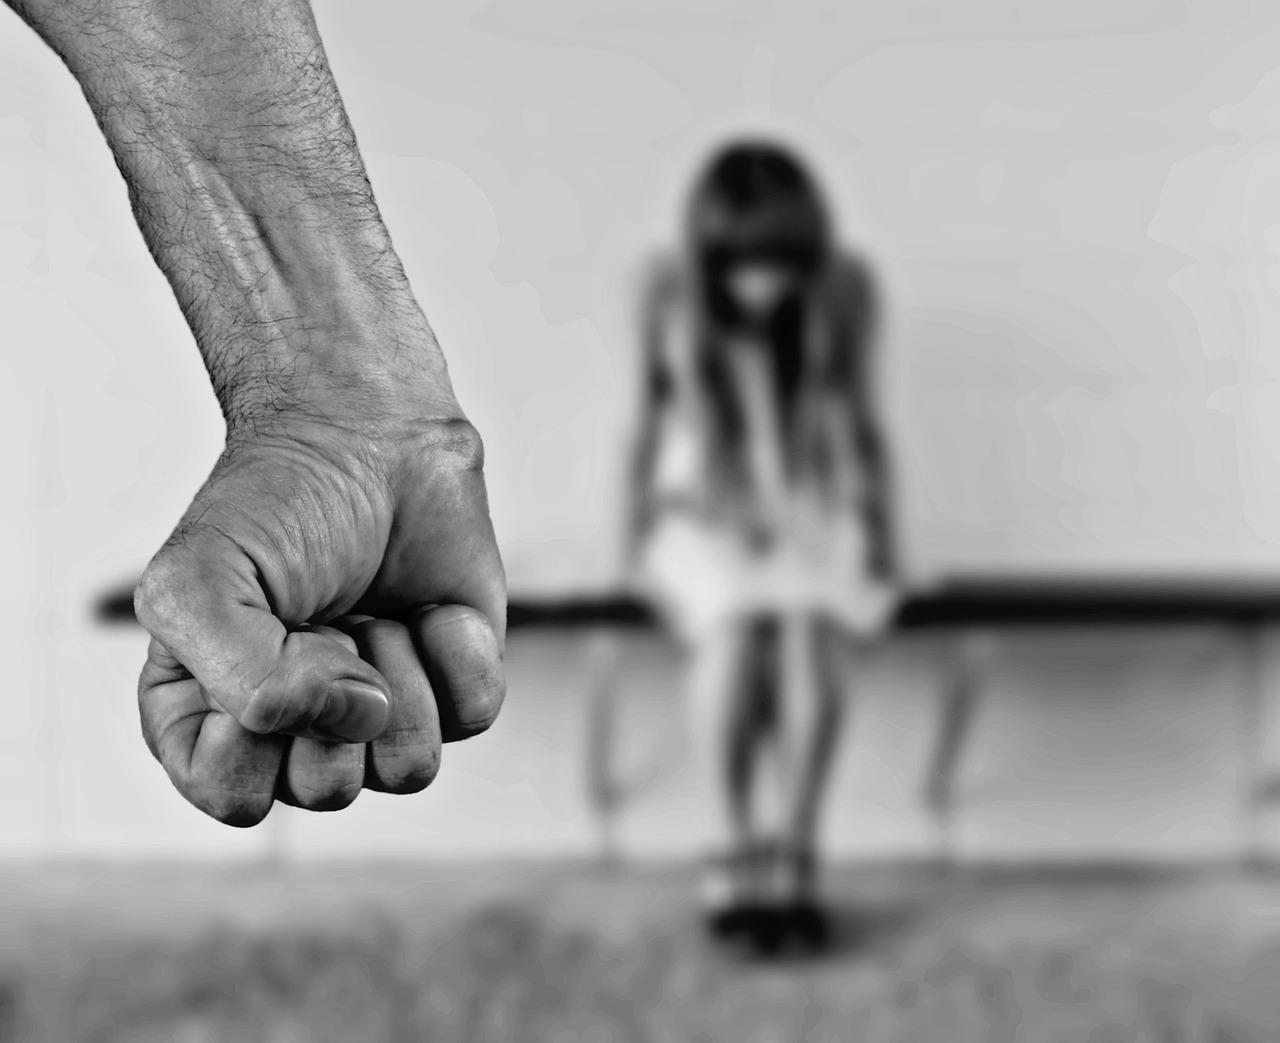 Violencia intrafamiliar: ¿Cómo procede le Código Penal colombiano en este delito?